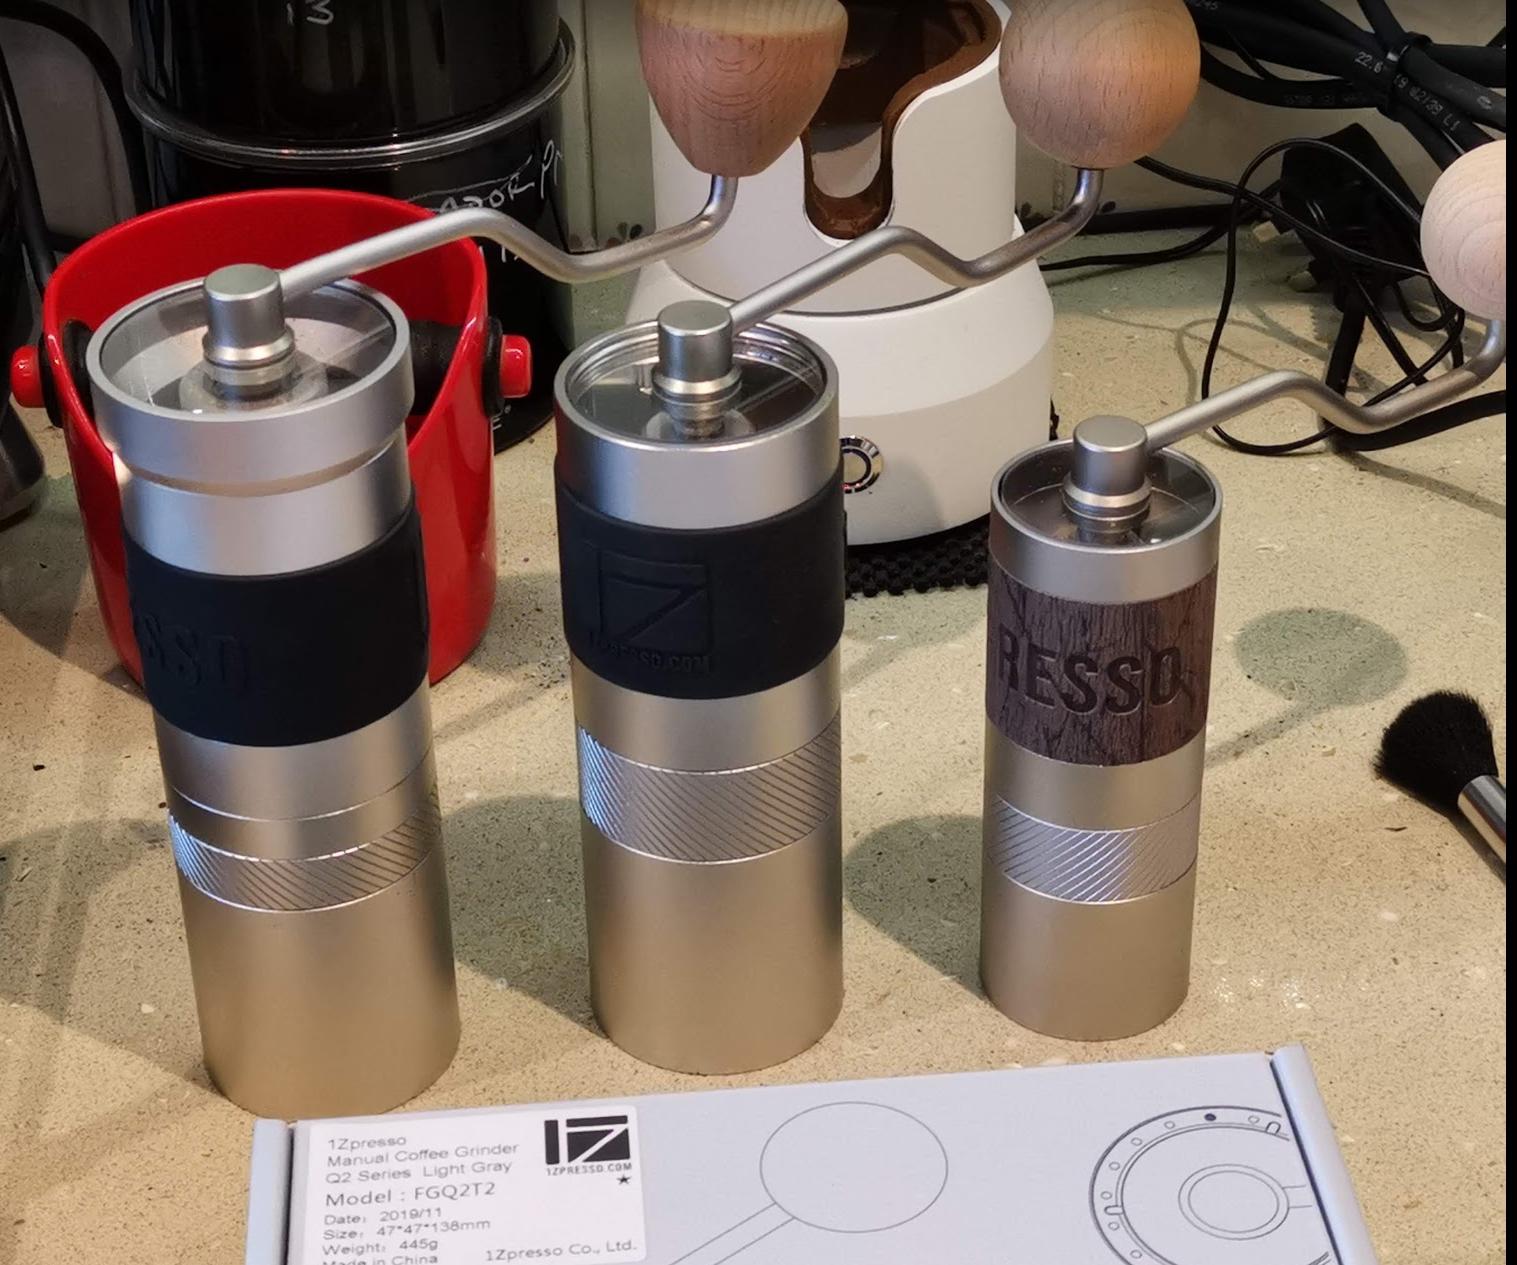 1Zpresso Q2 hand Grinder